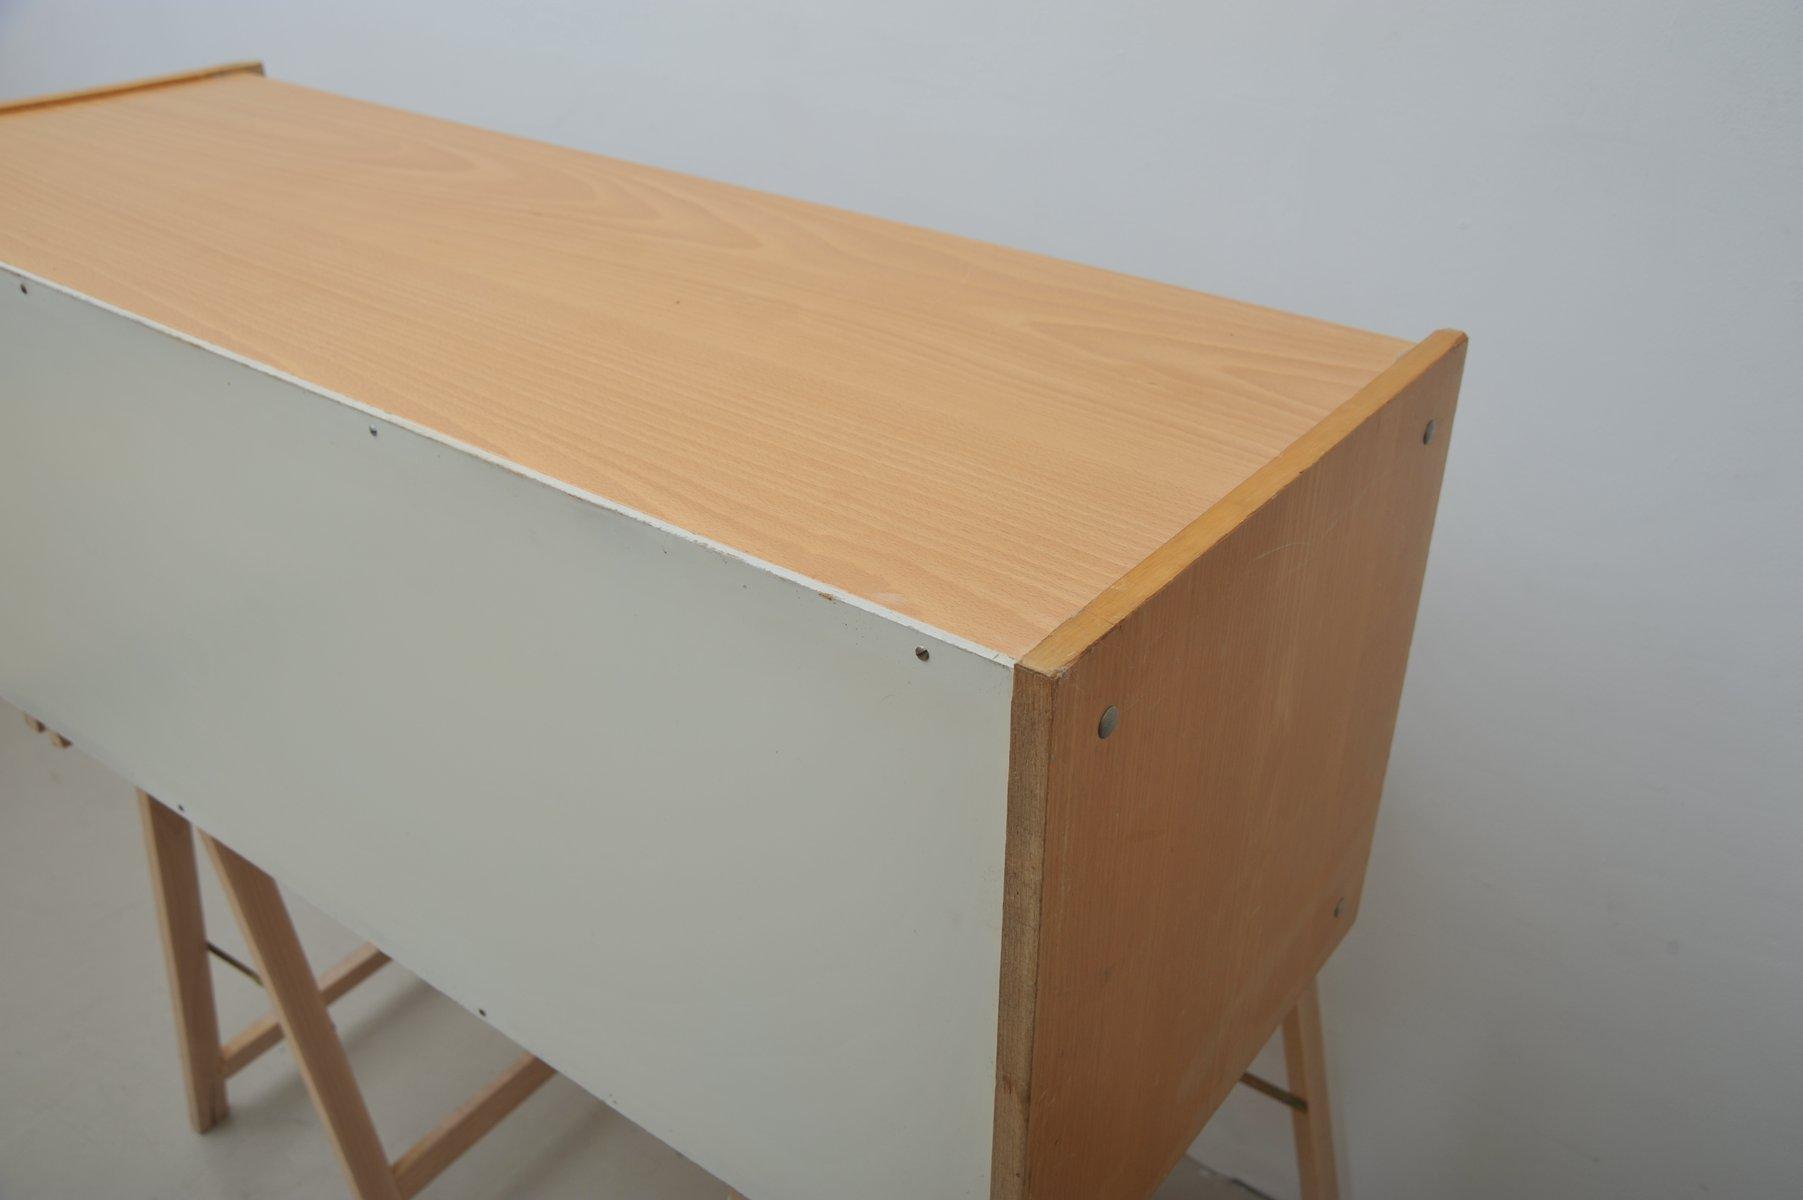 rz57 buche furnier regal von dieter rams f r otto zapf 1950er bei pamono kaufen. Black Bedroom Furniture Sets. Home Design Ideas